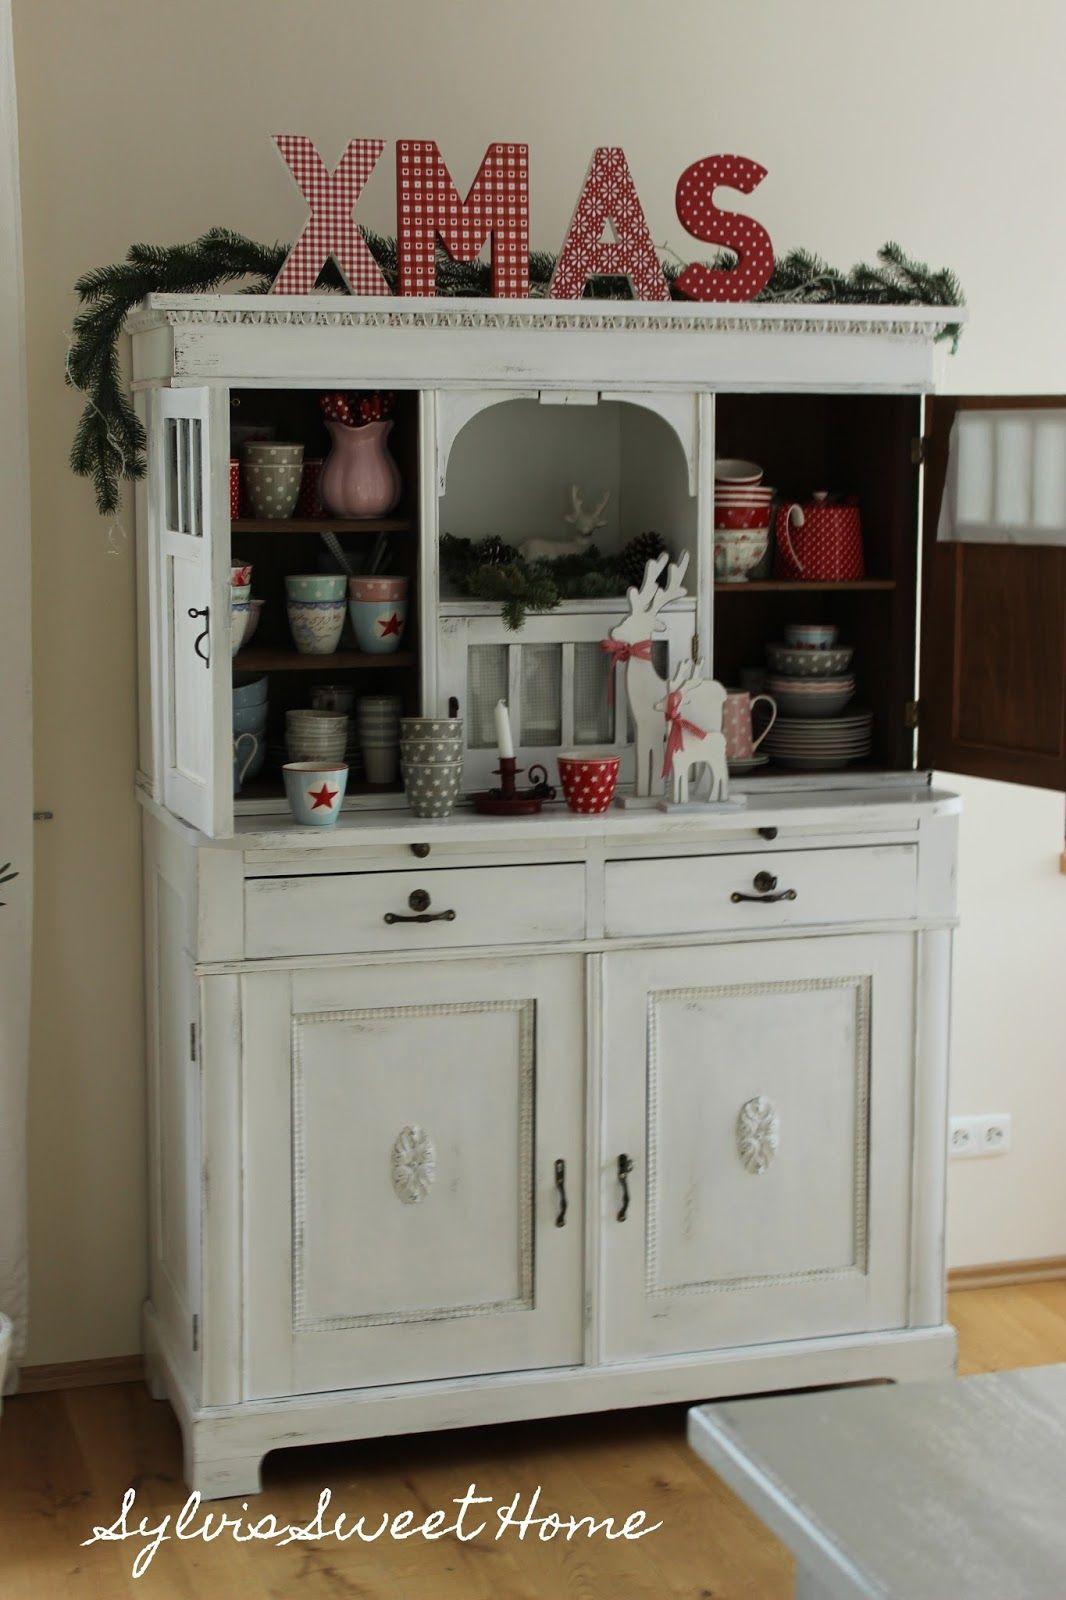 Schön Deko · Sylvis Sweet Home. Deko WeihnachtenWohnzimmerEinrichtungTrautes HeimSchäbig  VintageAdventMöbel